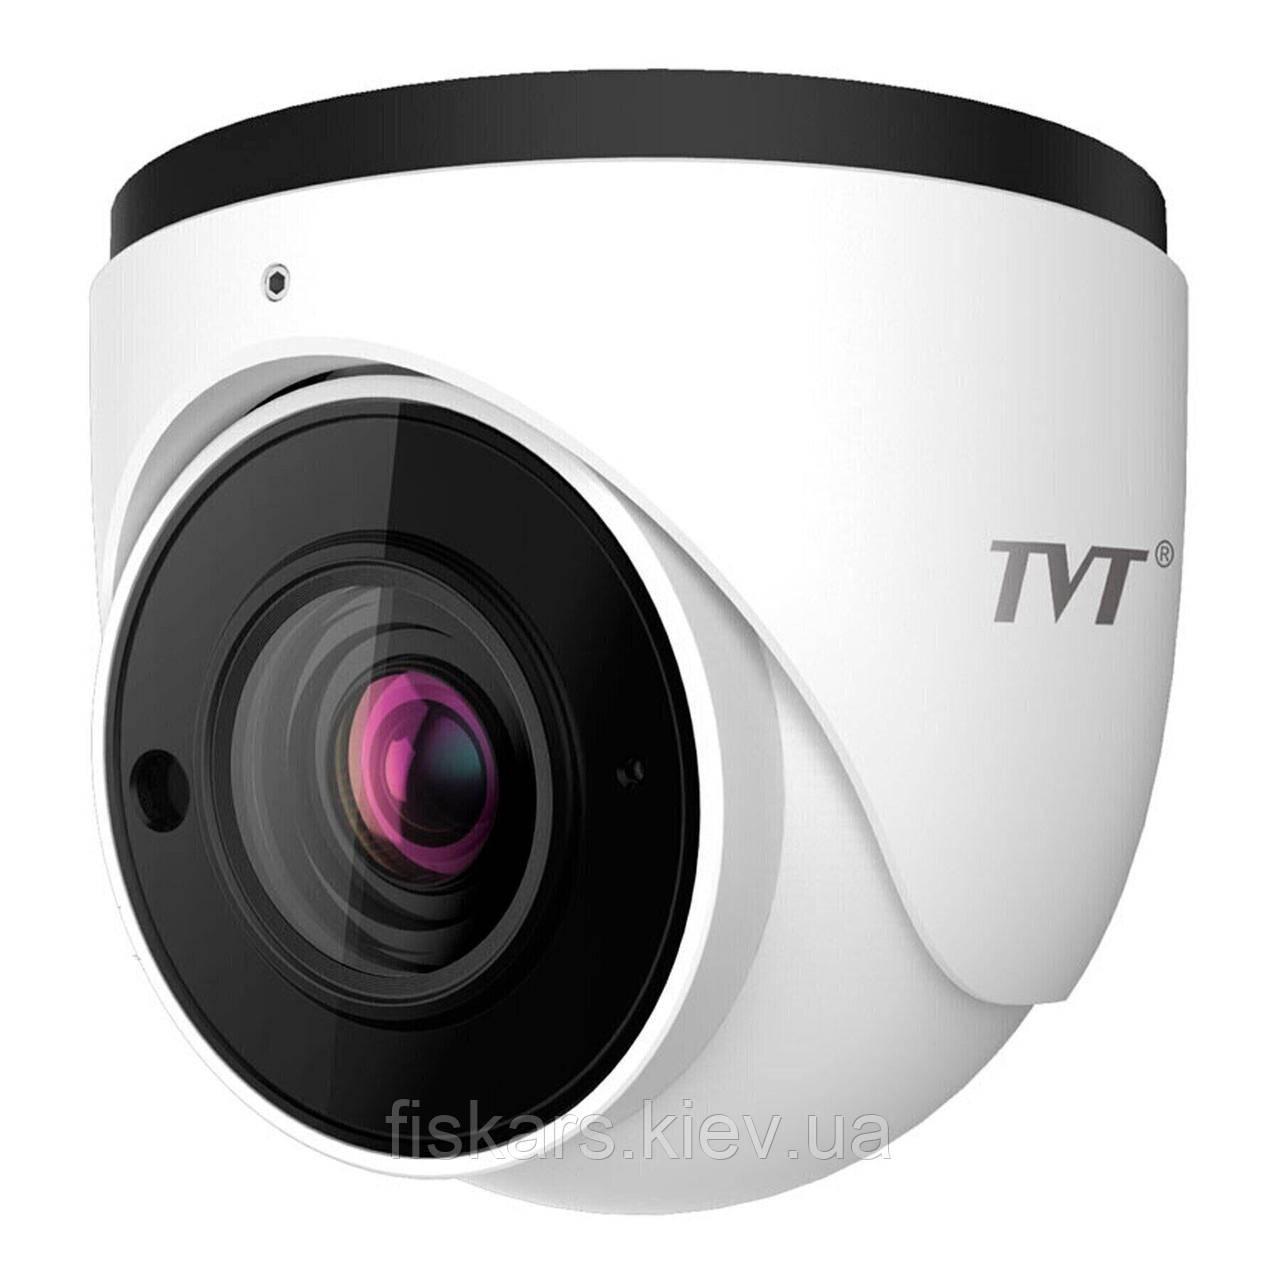 5 Мп сетевая видеокамера TVT Digital TD-9554S3A (D/PE/AR2)